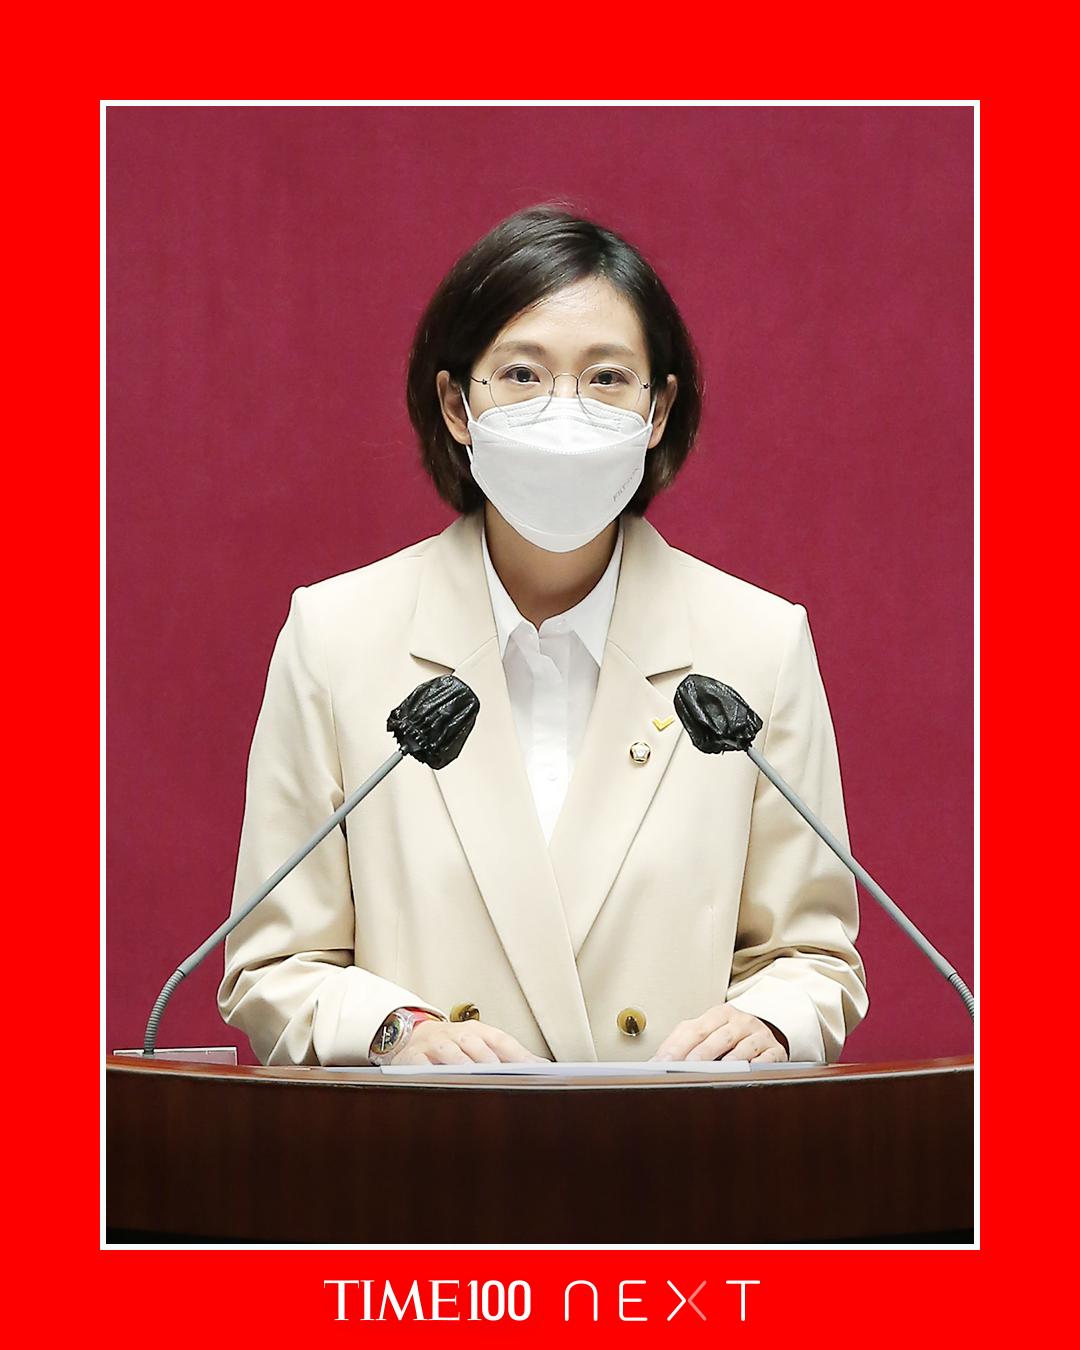 미국 시사주간지 타임이 제공한 Time 100 NEXT 공식 이미지. 장혜영 의원이 본회의장에서 발언하고 있는 모습의 사진이 함께 포함되어 있다.